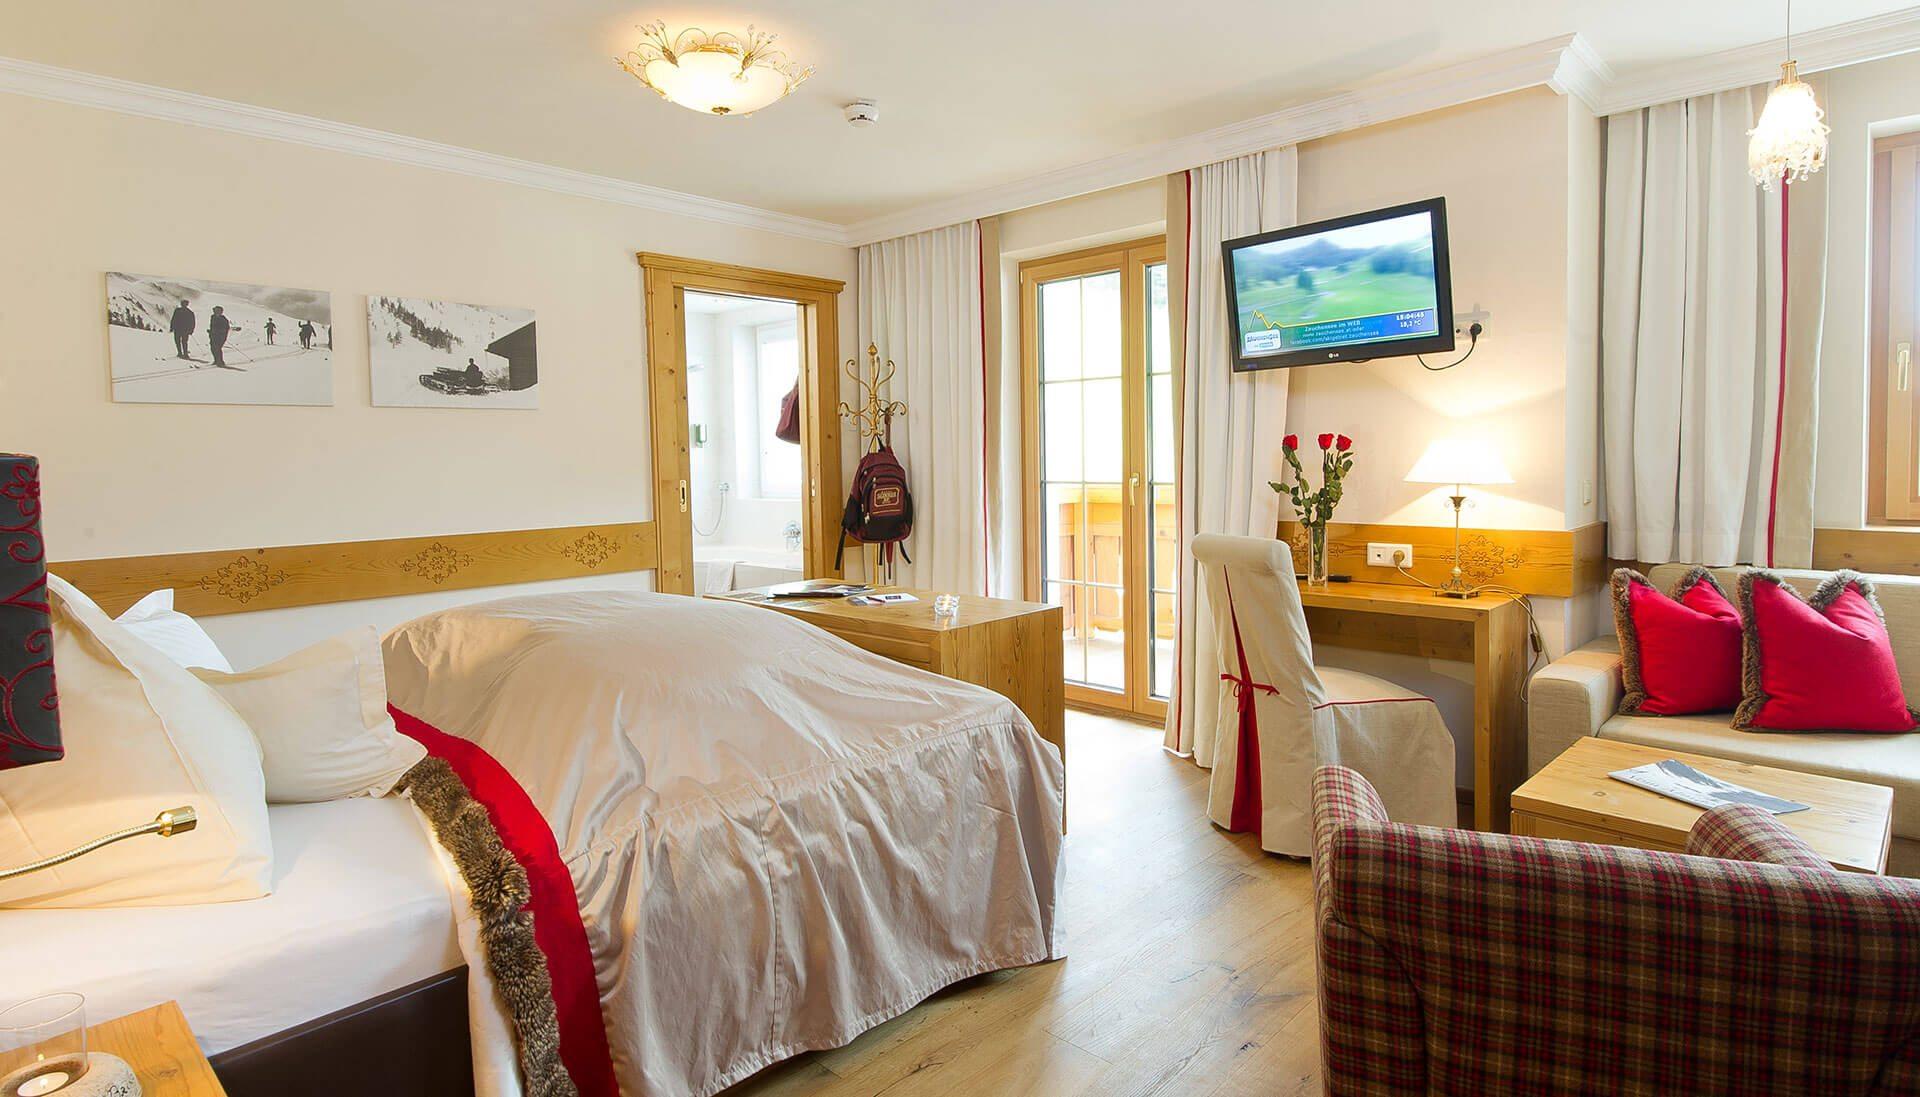 Zimmer im Hotel Salzburger Hof - Familienhotel in Österreich